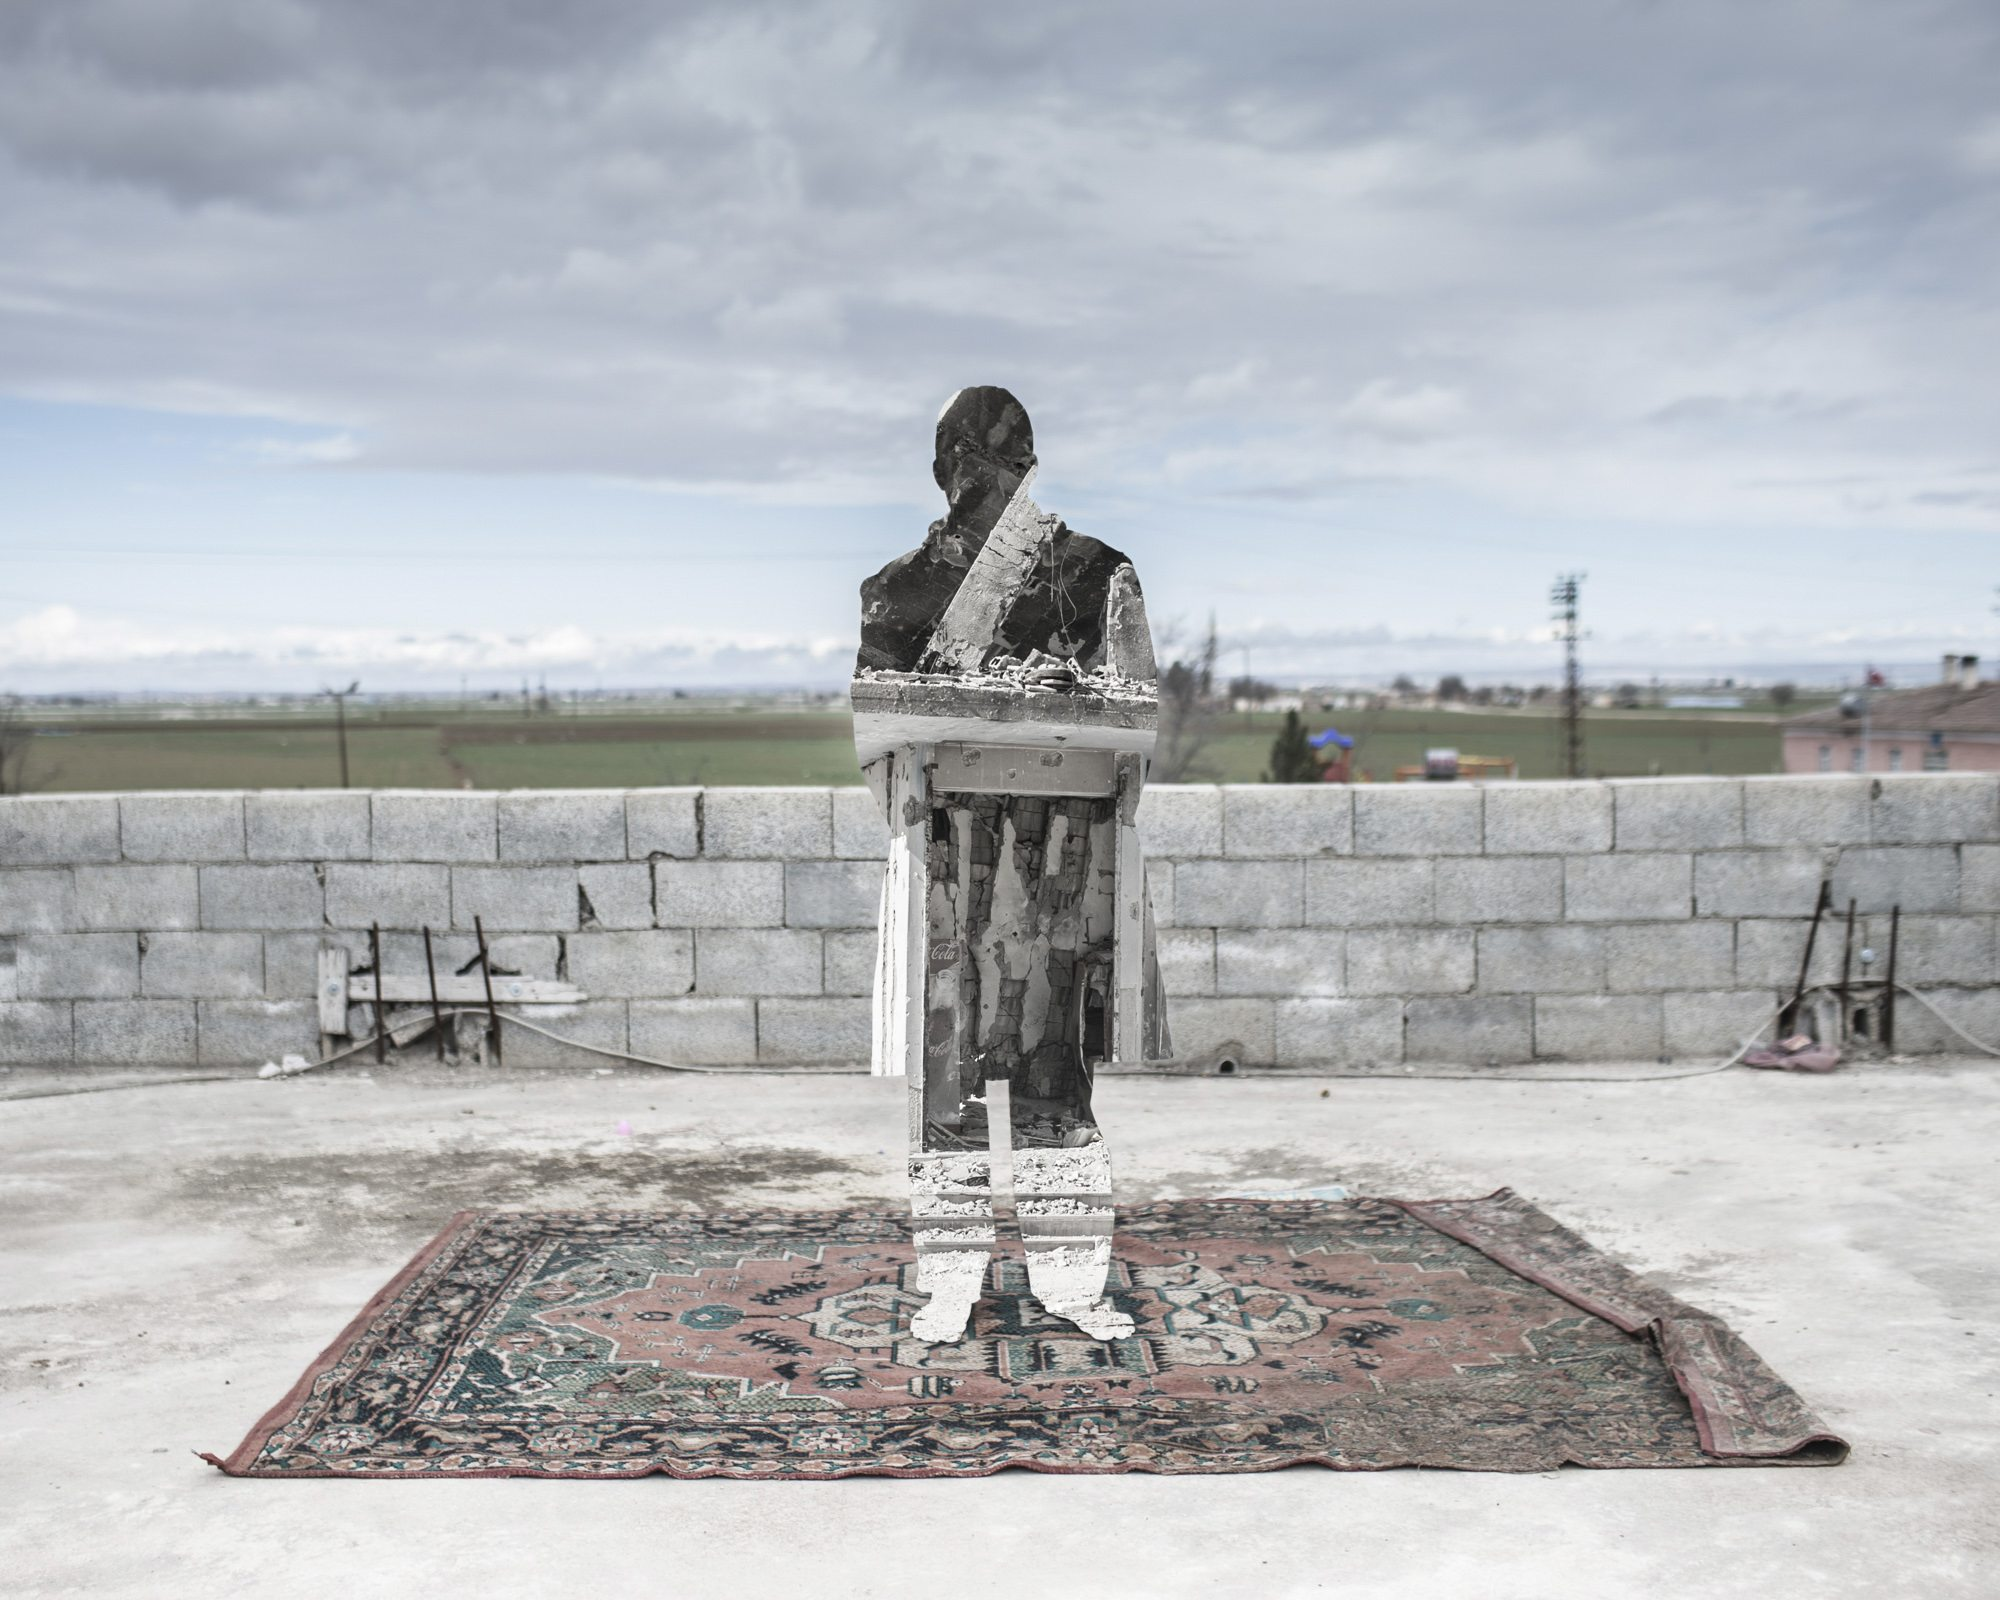 Sony Dünya Fotoğraf Ödülleri finalinde iki Türk fotoğrafçı